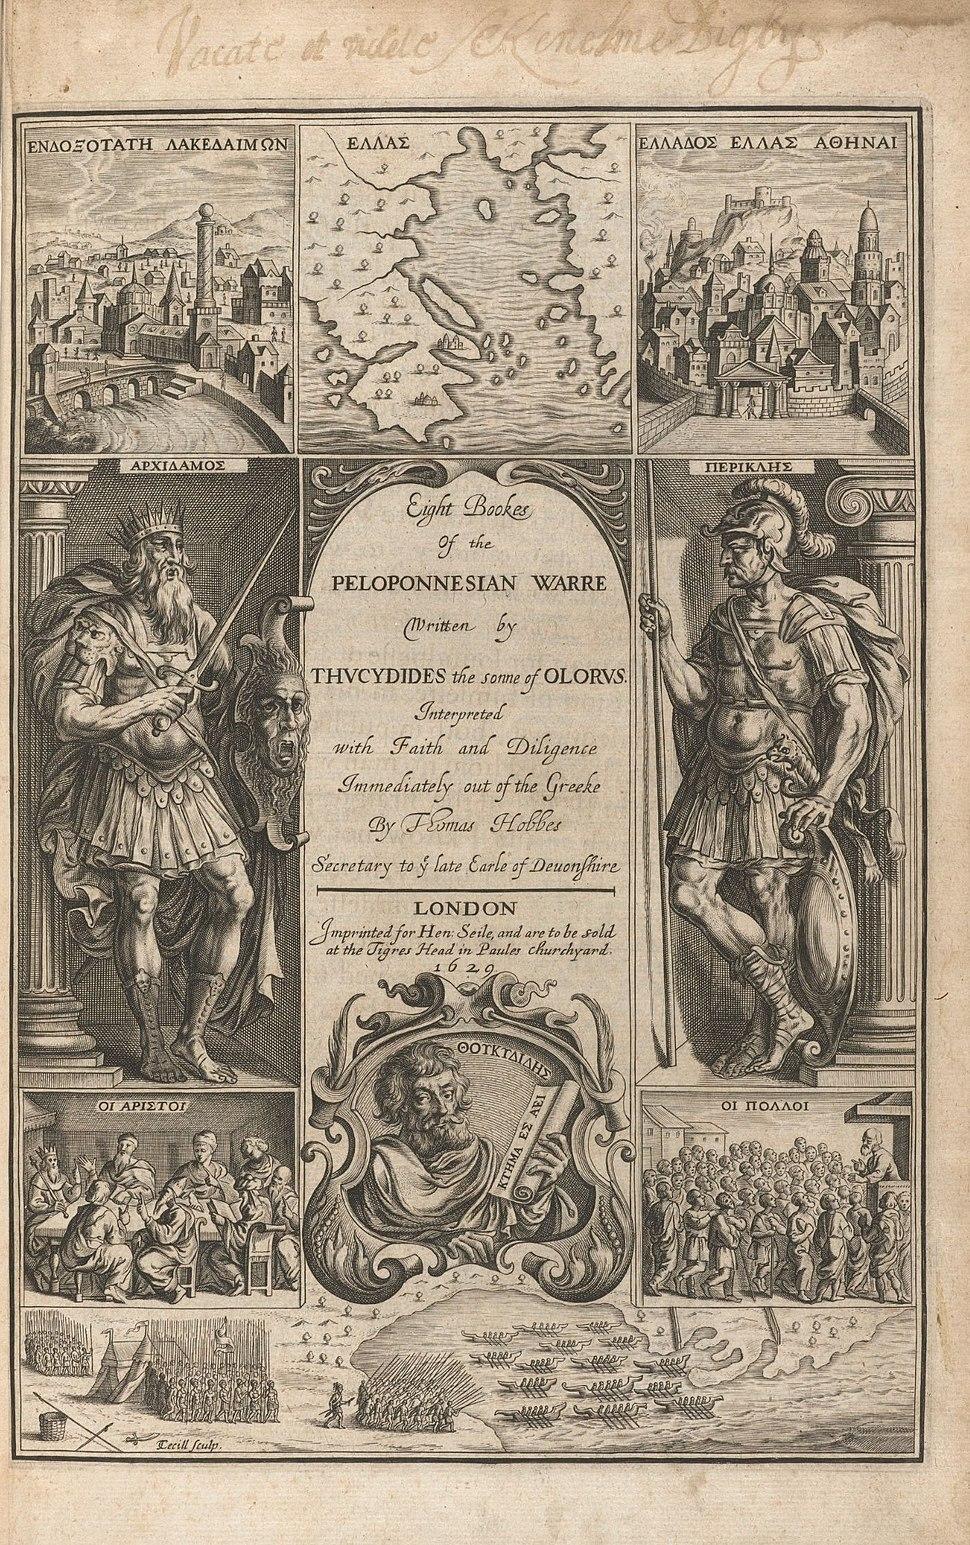 Houghton STC 24058 (B) - Thucydides